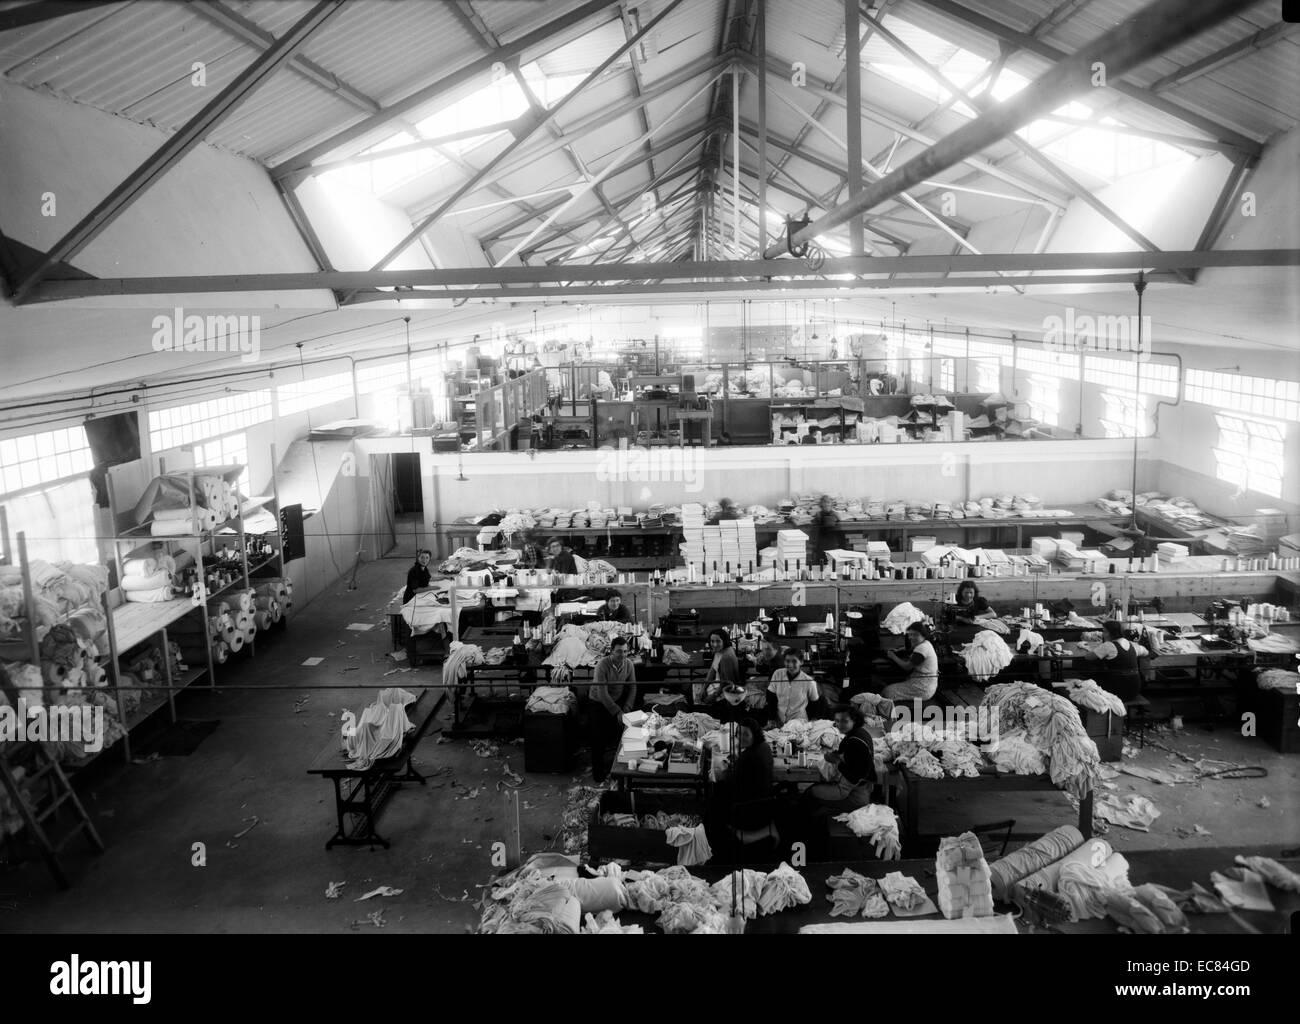 Fotografia del tessile Lodzia Co in Holon insediamento in Israele. Immagini Stock